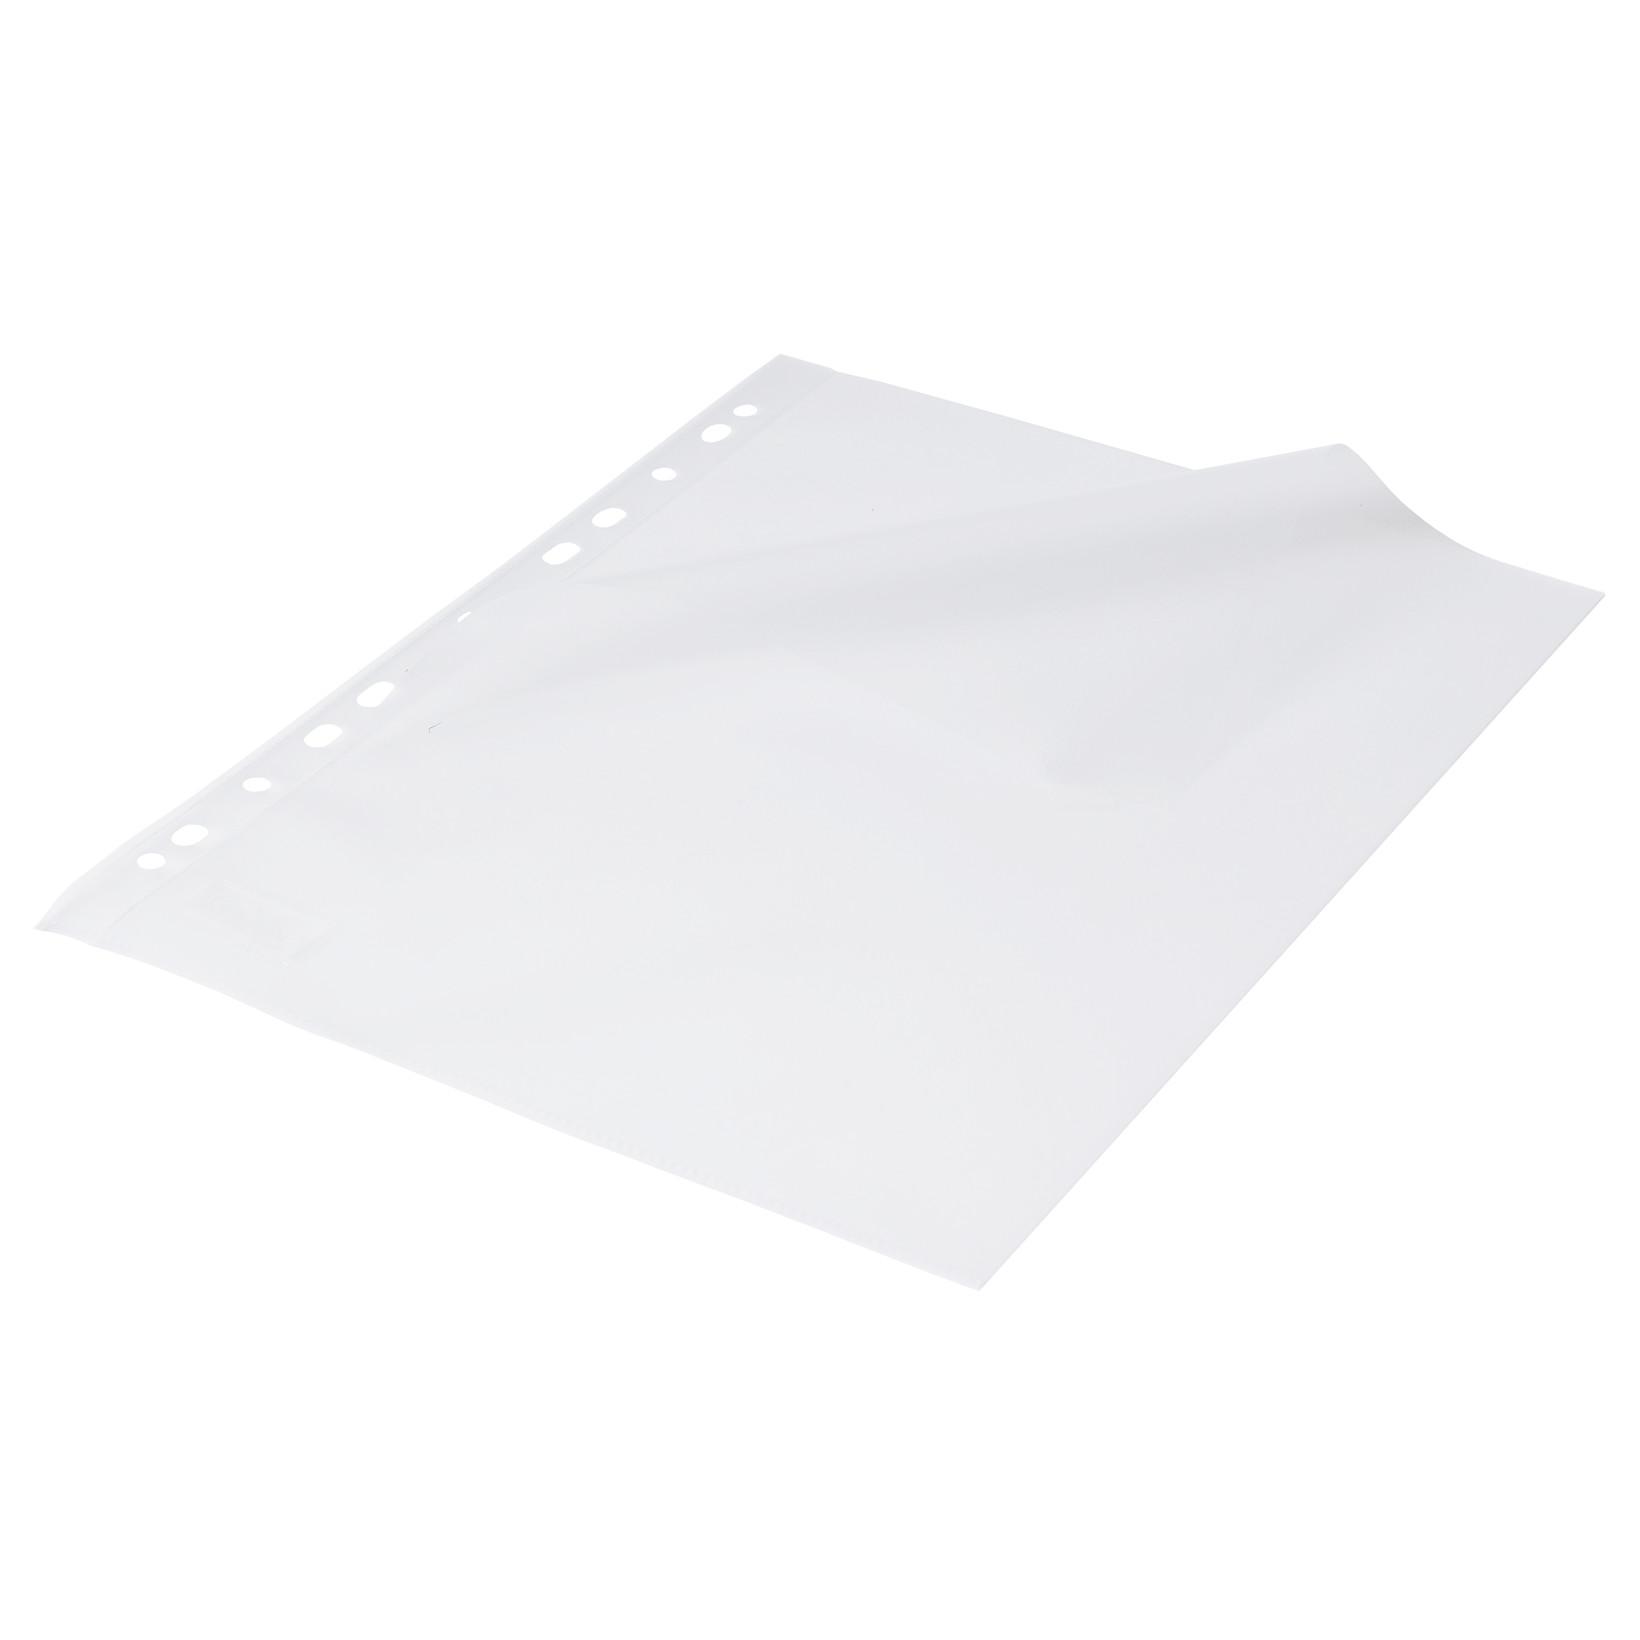 Plastlommer A4 0,12mm åbn top og venstre side med præg hvid hulkant 100stk/pak NN